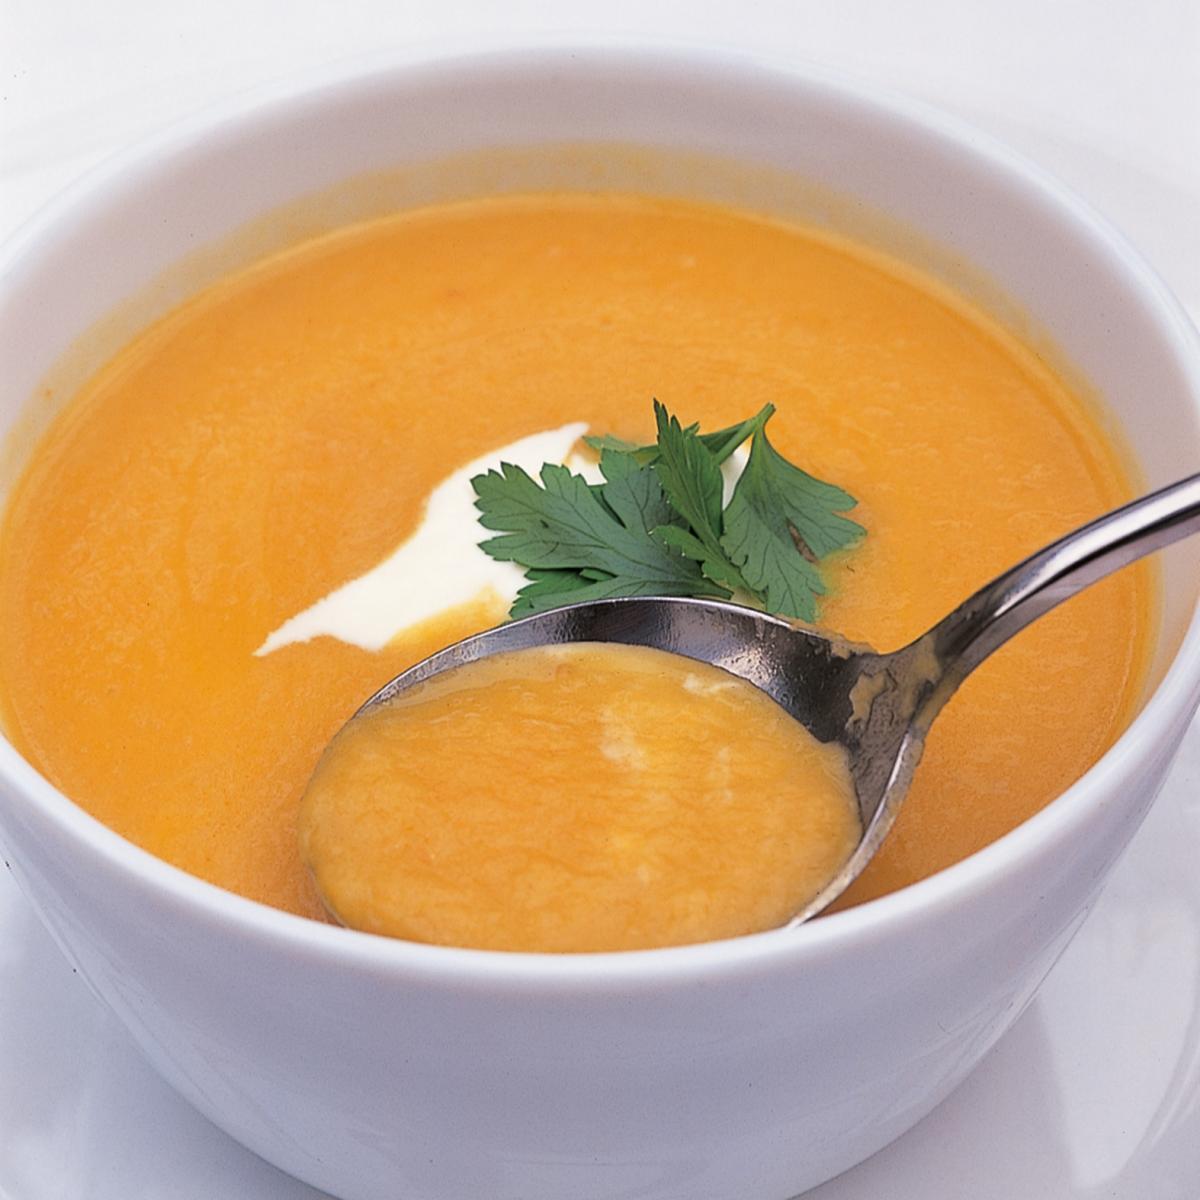 A picture of Delia's Carrot and Artichoke Soup recipe